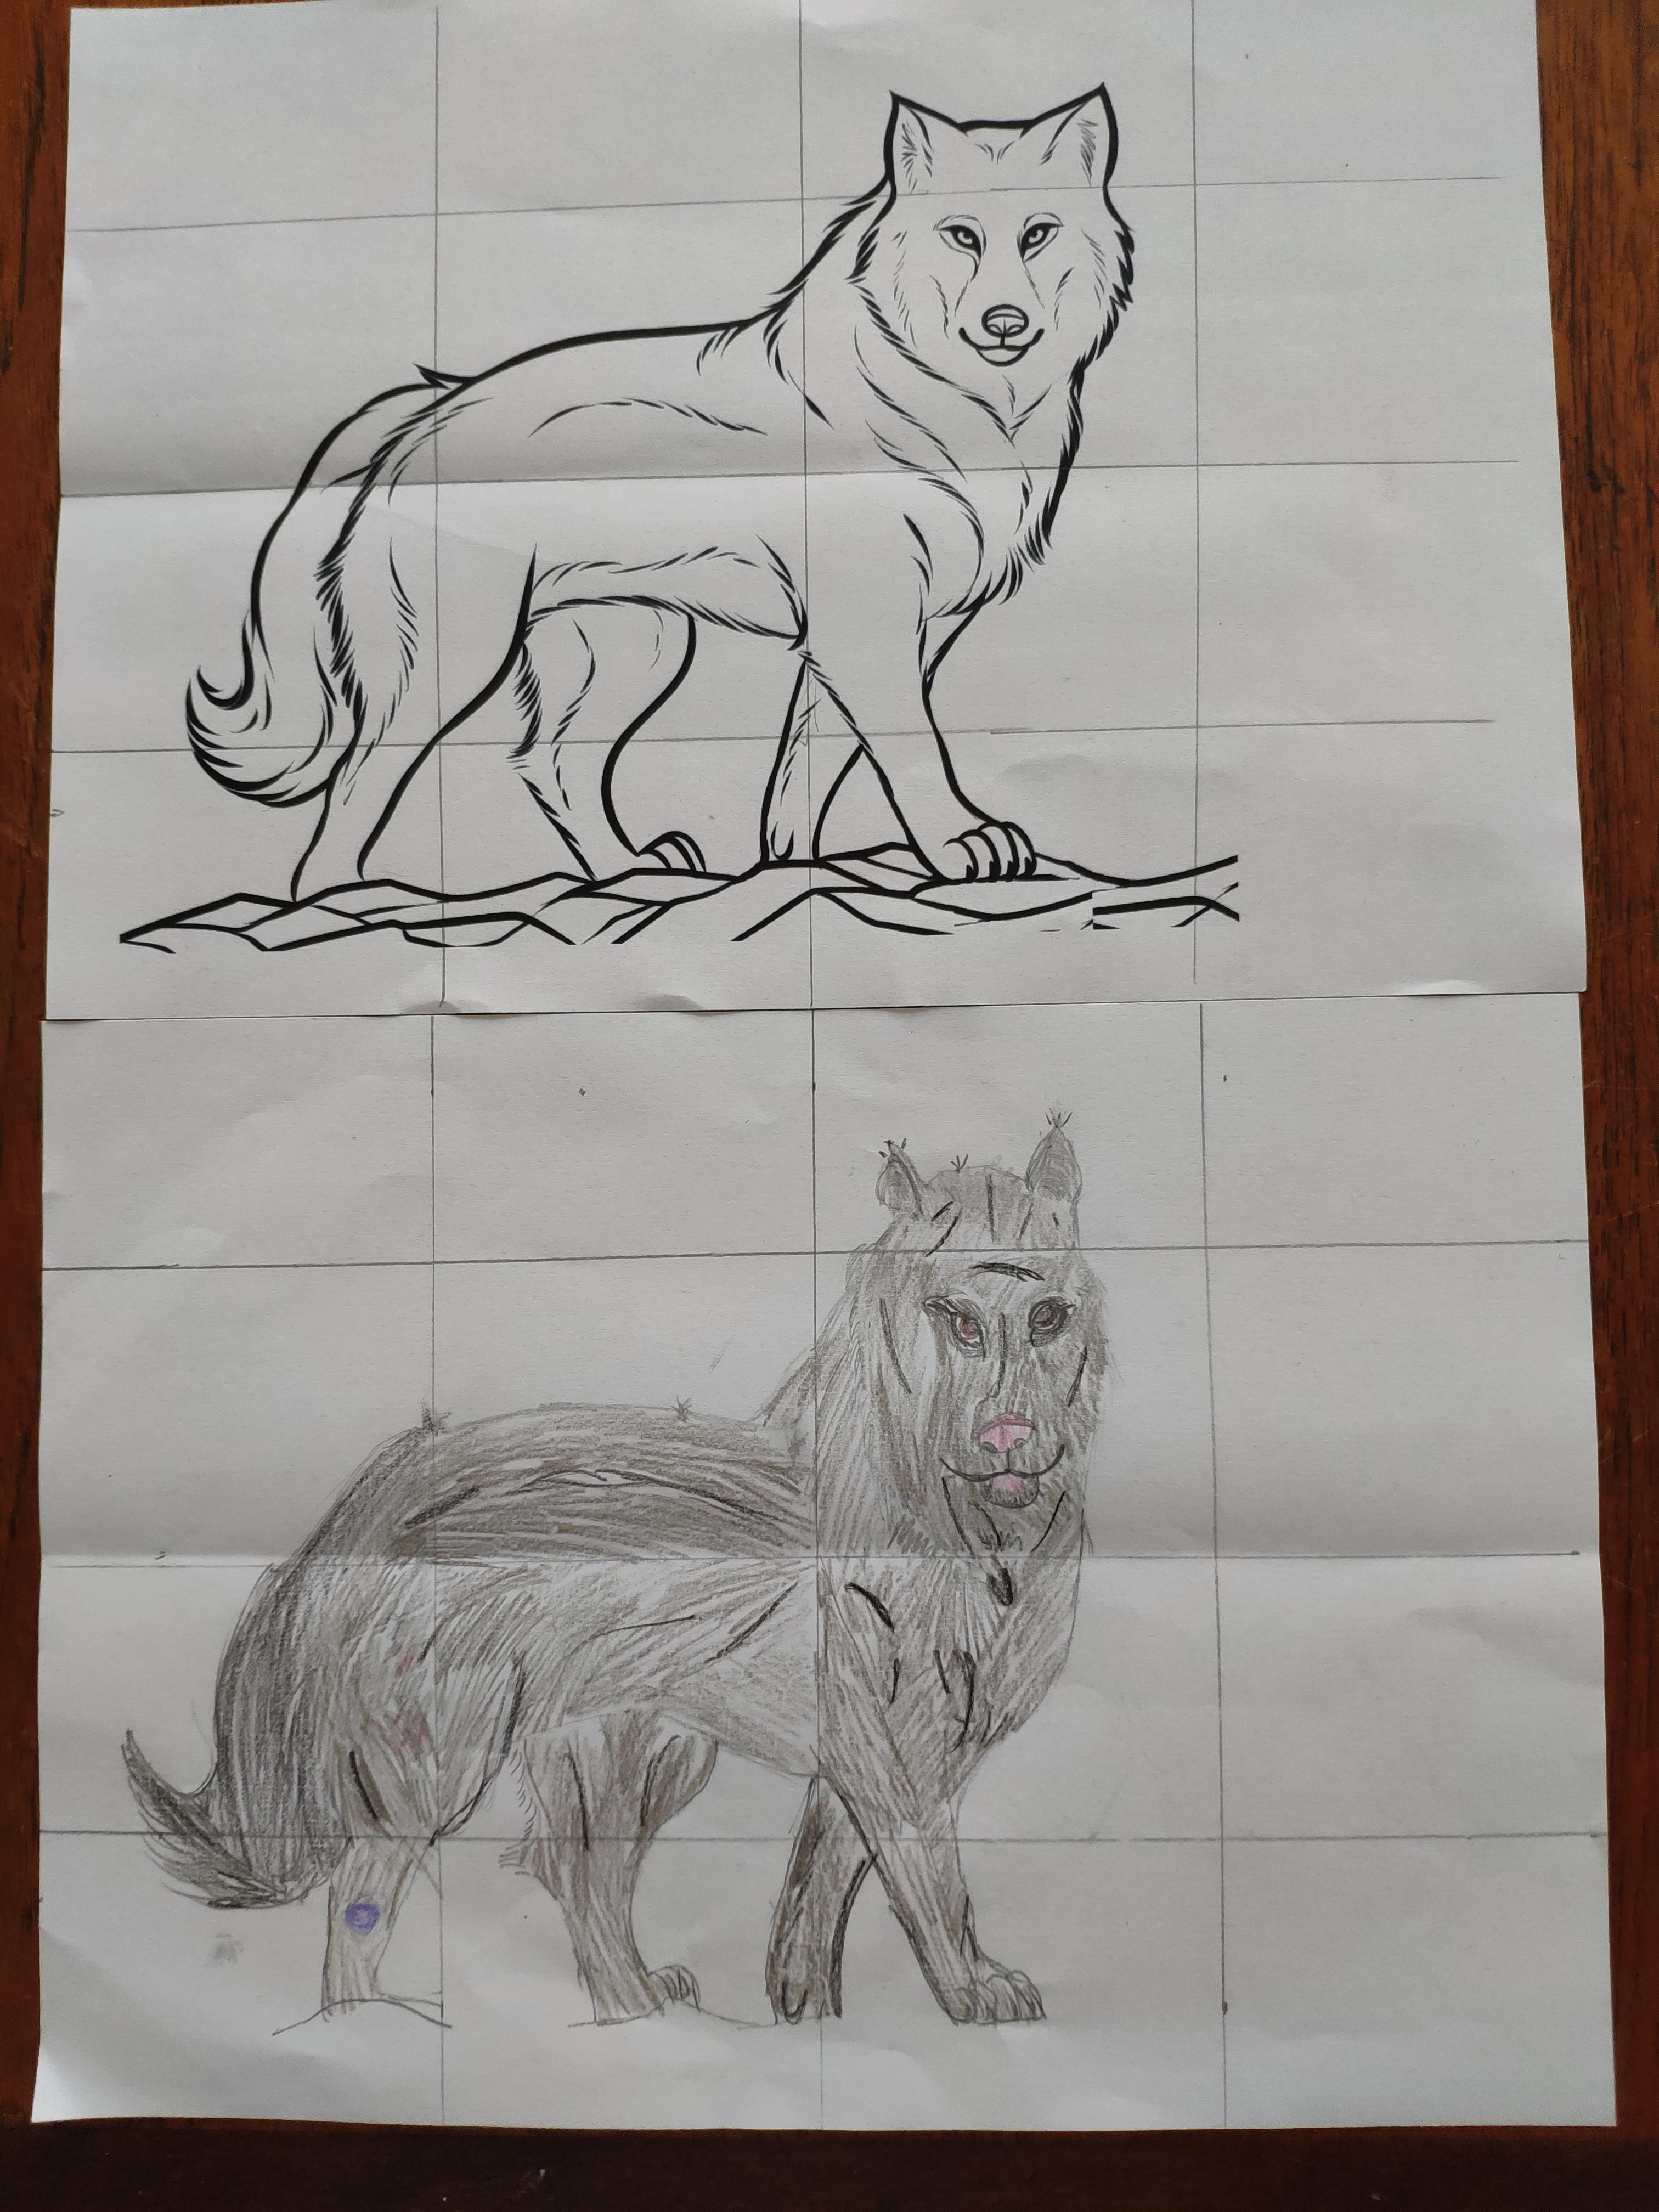 Seren Wolf Image